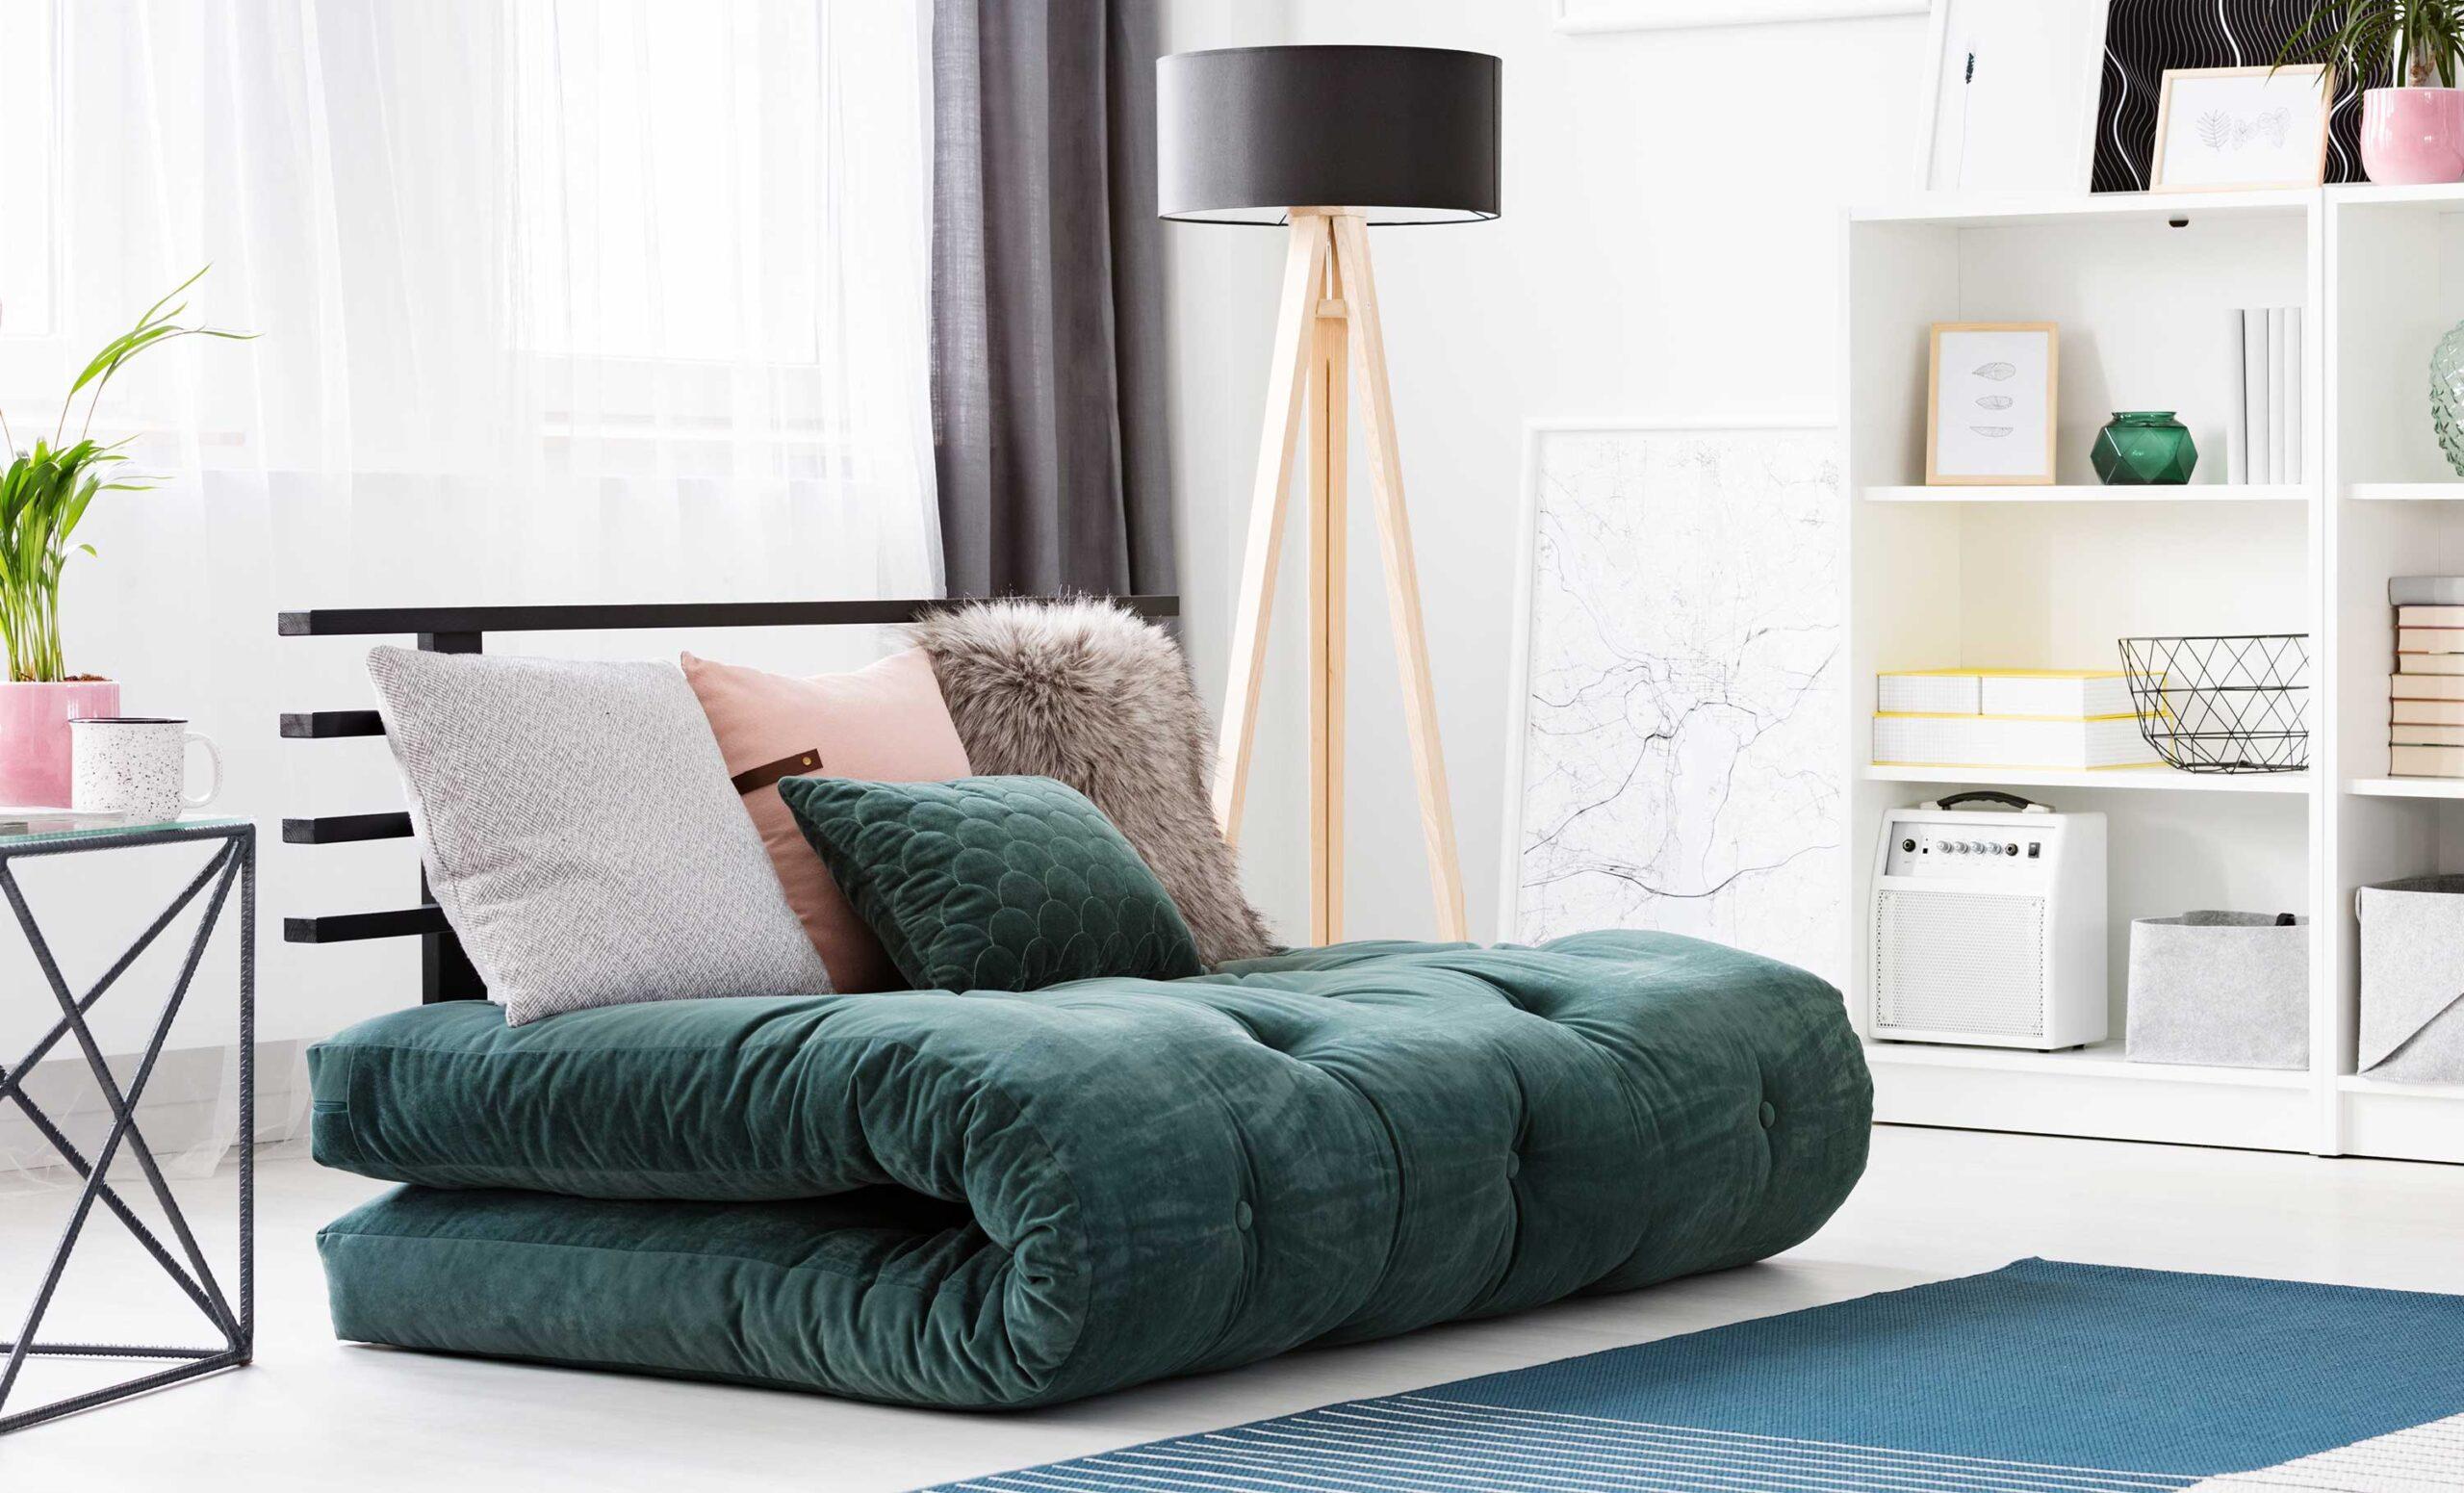 futon-o-sofa-cama